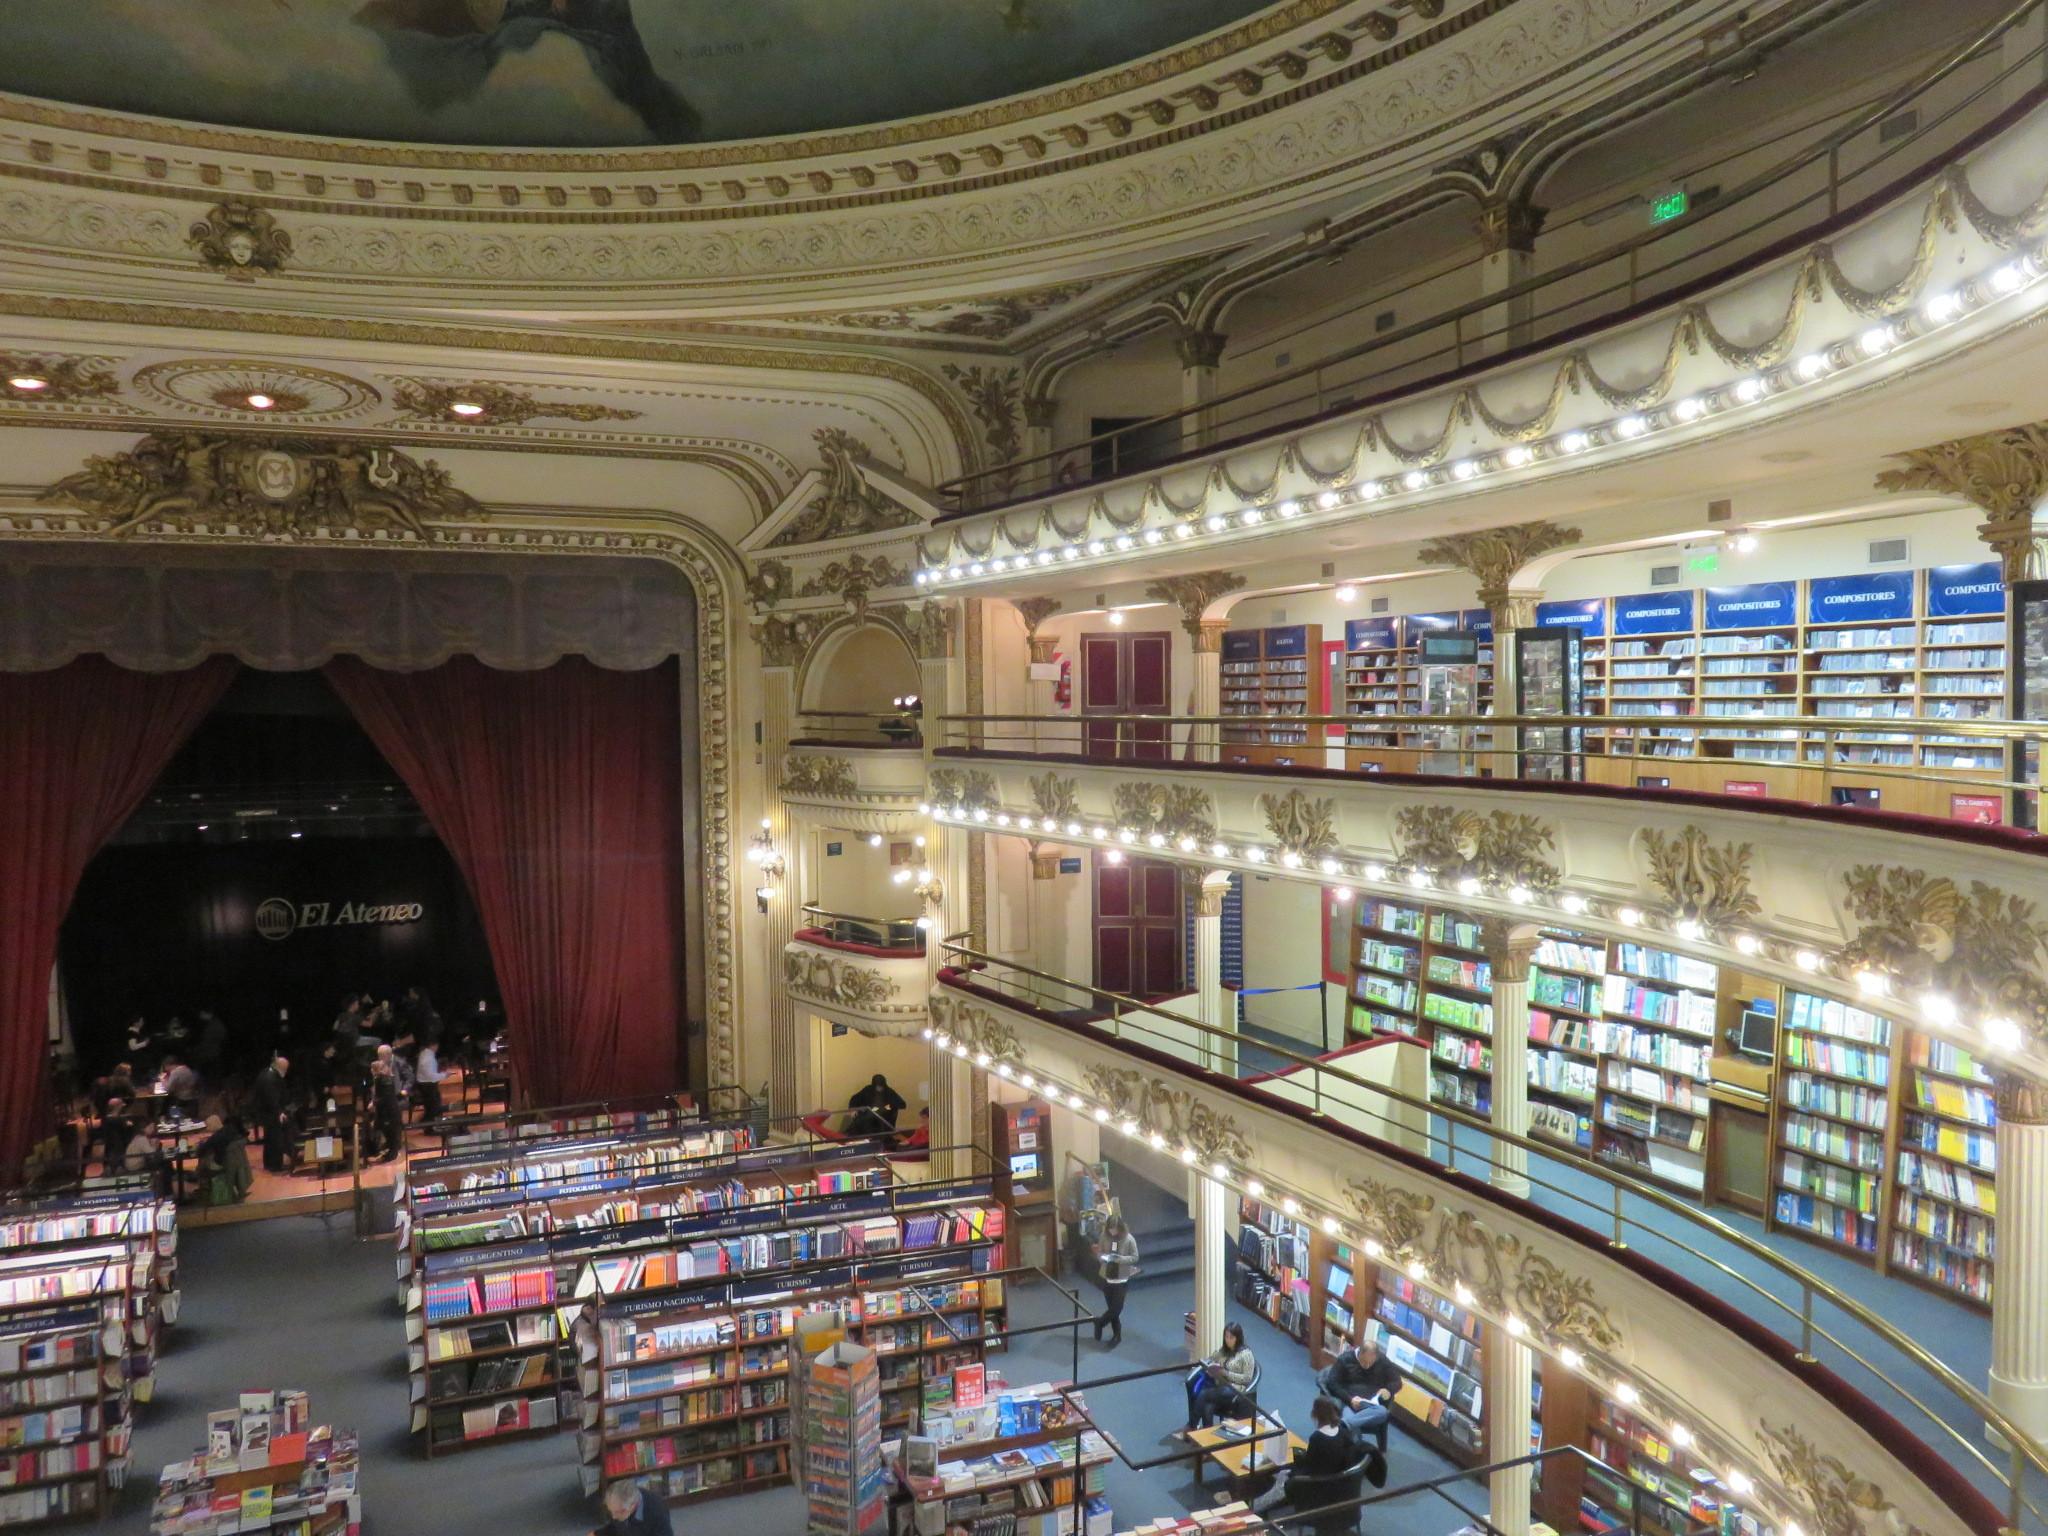 劇場を改装した本屋さんが美しすぎる! 一人あたりの書店数が世界一の都市・ブエノスアイレスの書店事情